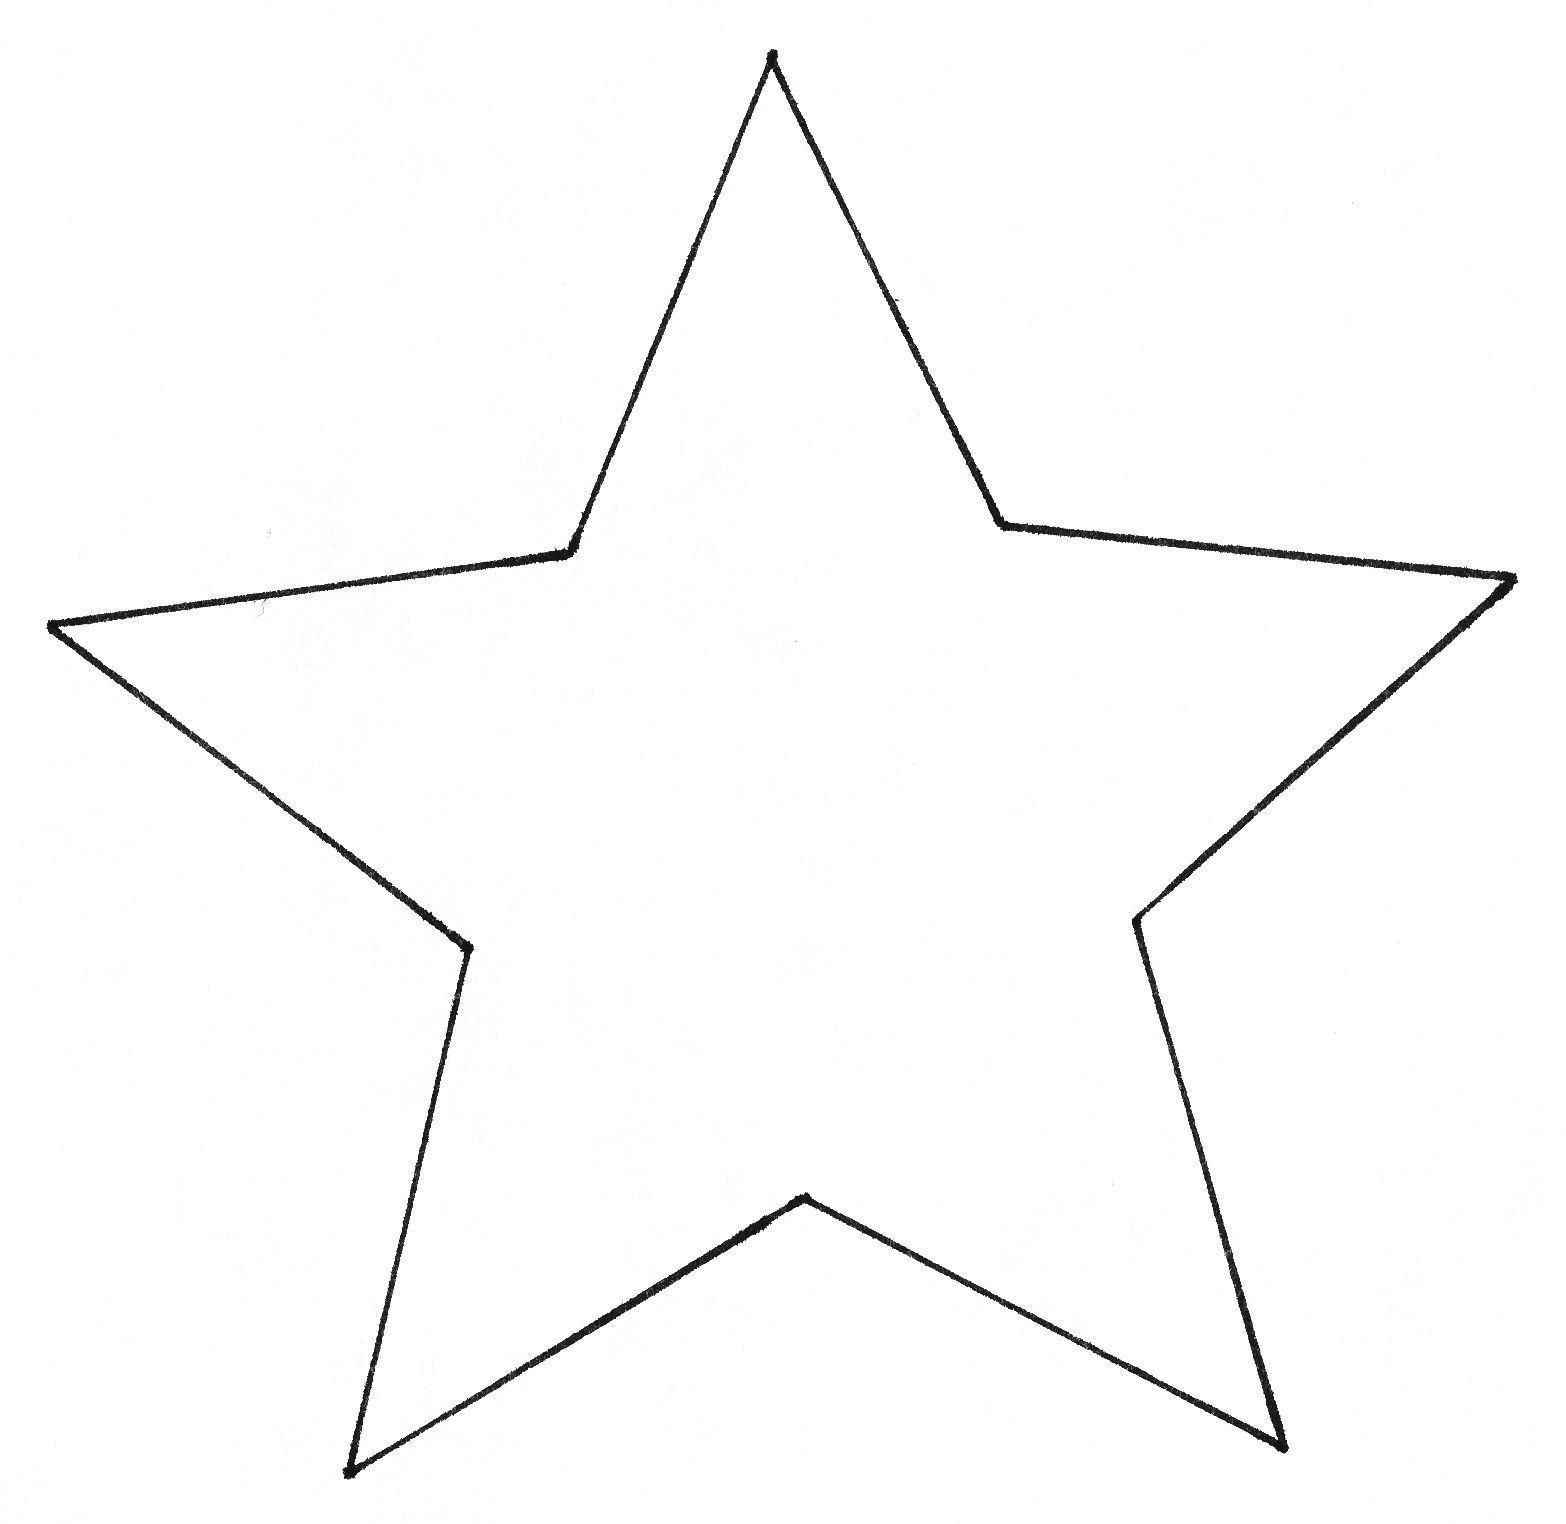 Neu Sterne Basteln Mit Kindern Vorlagen   Sterne Basteln Mit innen Druckvorlage Stern